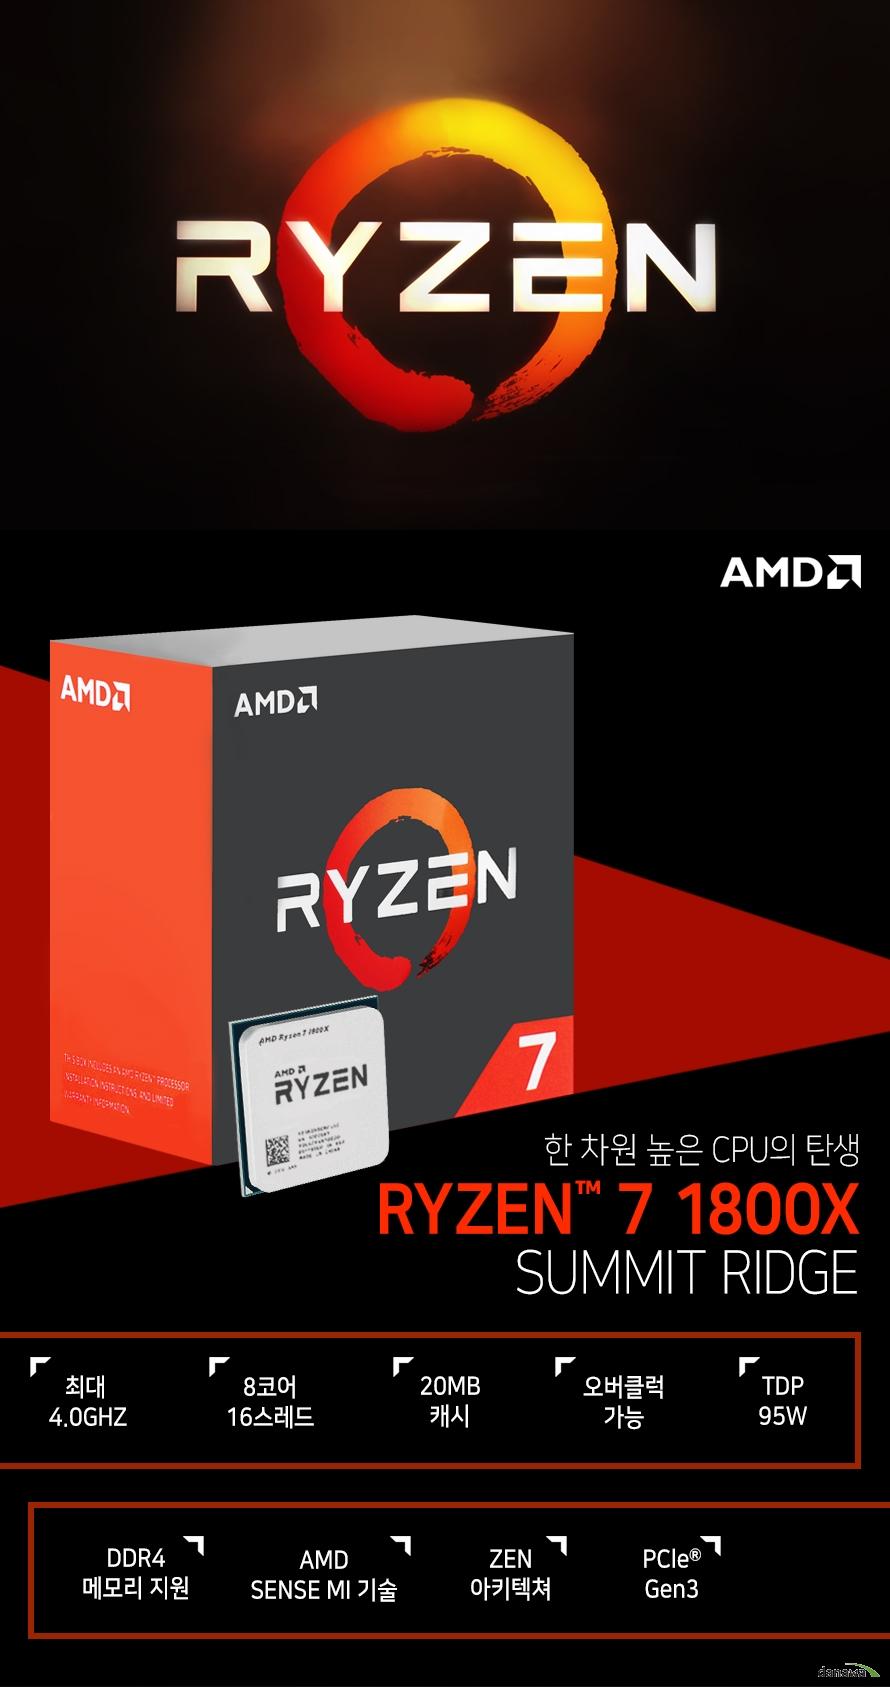 한 차원 높은 CPU의 탄생         RYZEN 7 1800X         SUMMIT RIDGE                  최대 4.0GHZ          8코어 16스레드         20MB 캐시         오버클럭 가능         TDP 95W         DDR4 메모리 지원         AMD SENSE MI 기술         ZEN 아키텍쳐         PCle Gen 3